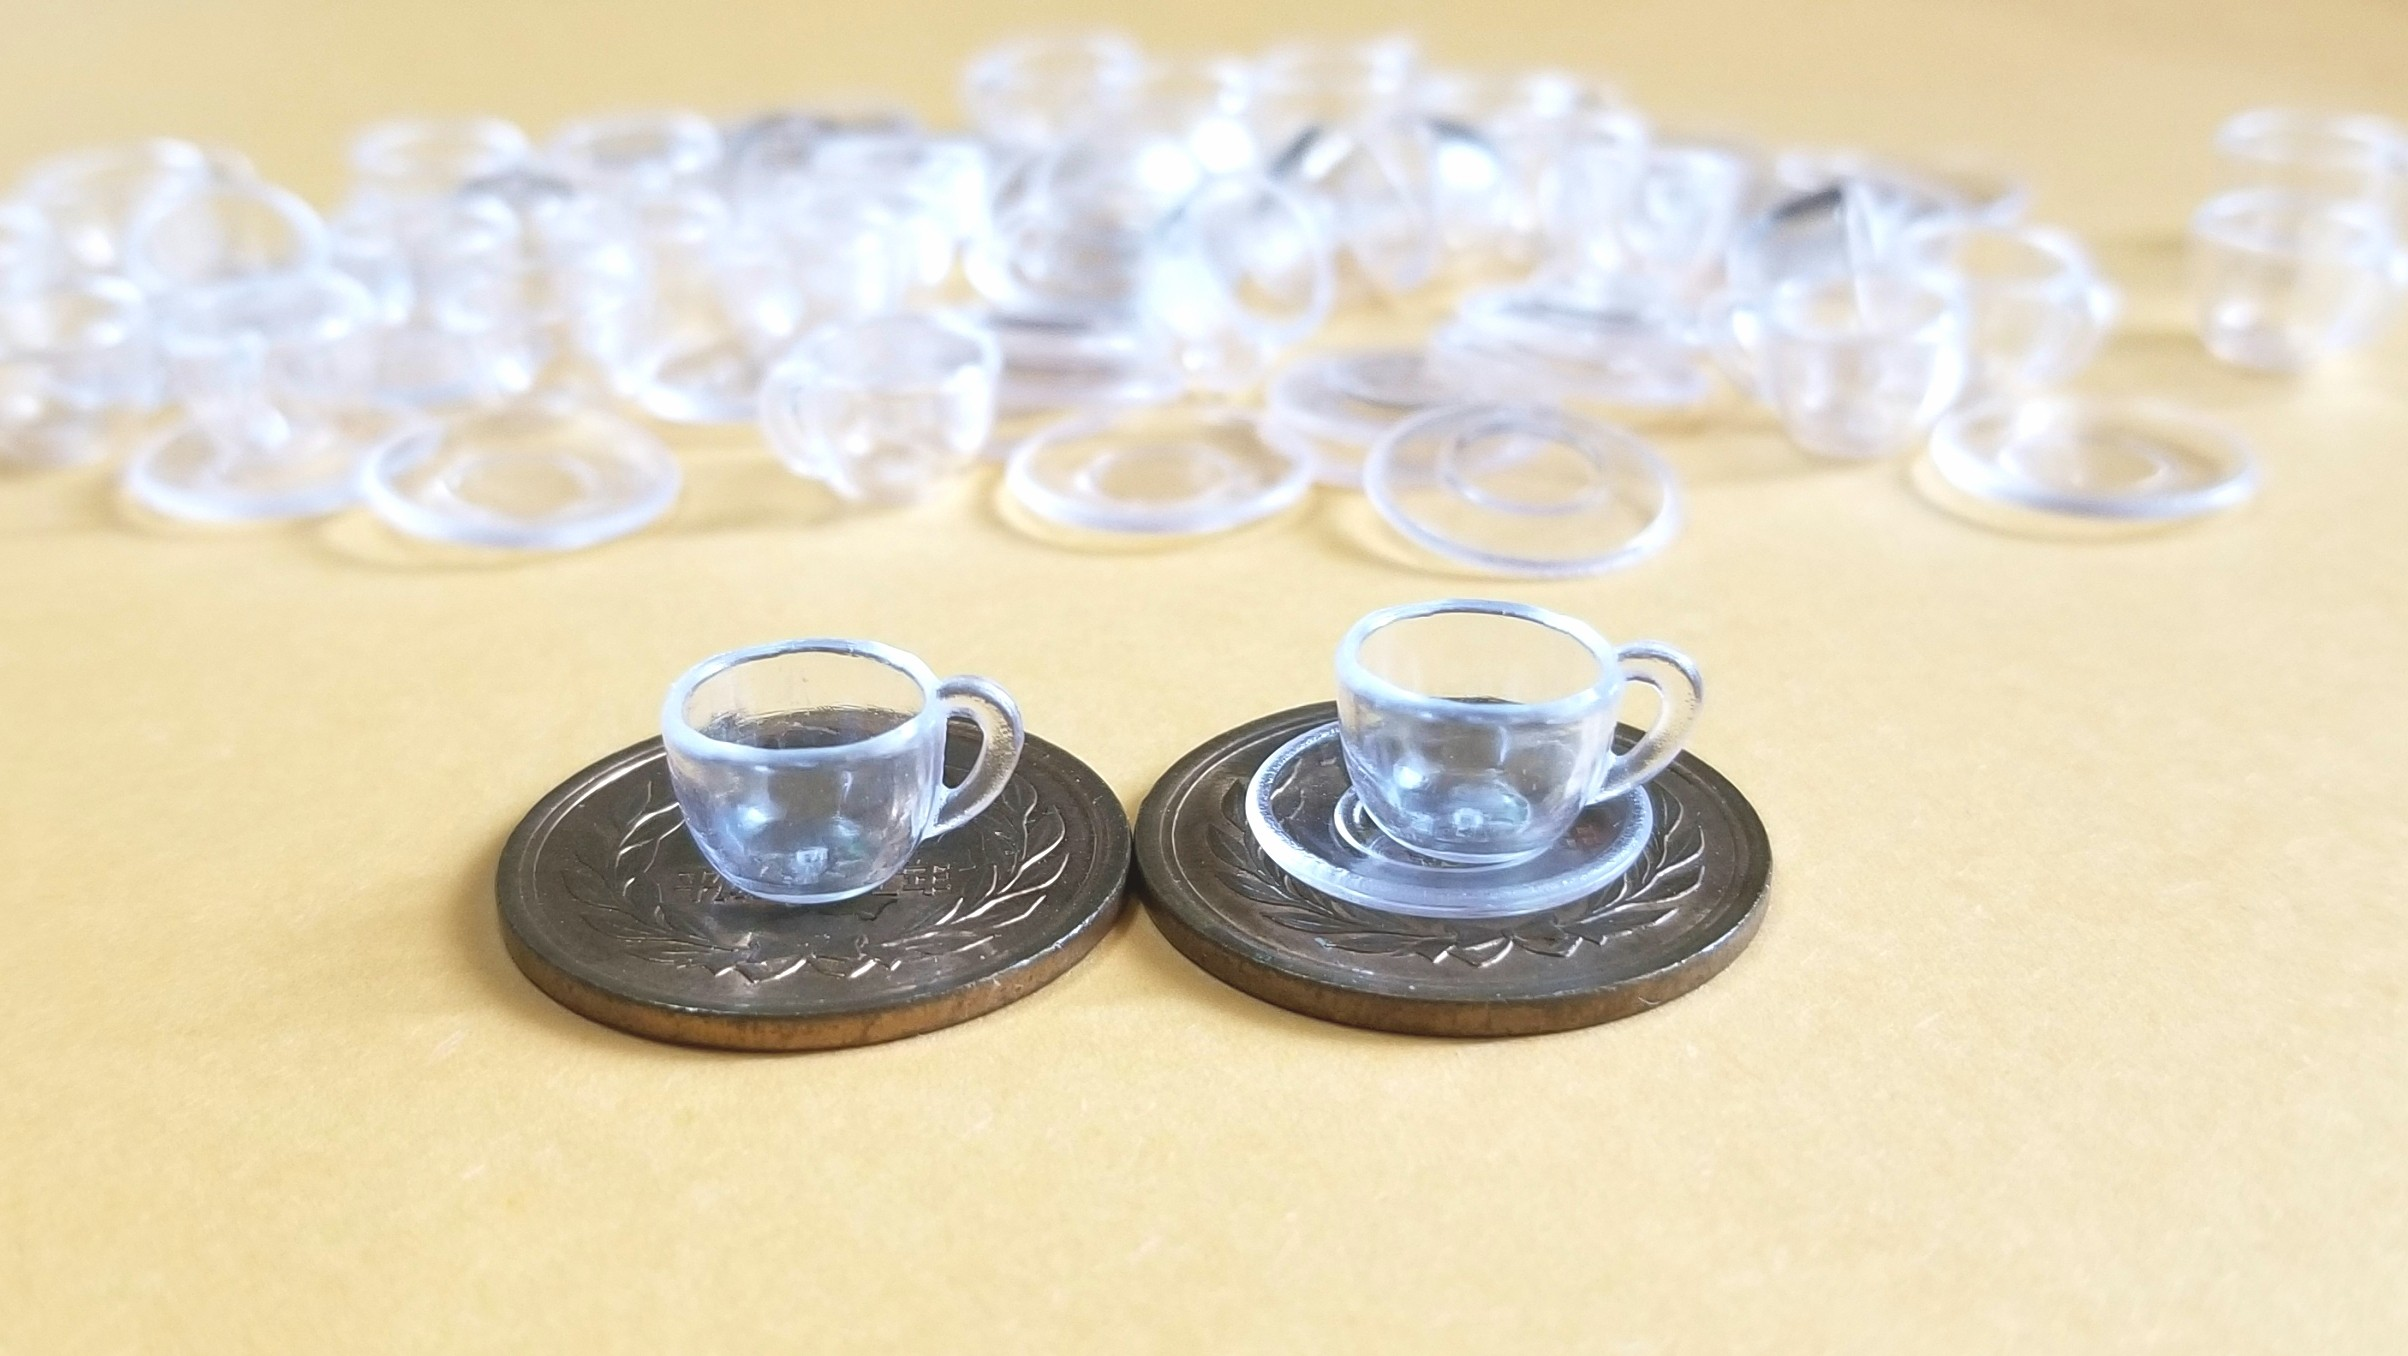 ミニチュアフード用の透明グラス,コップ,ティーカップ,既製品購入